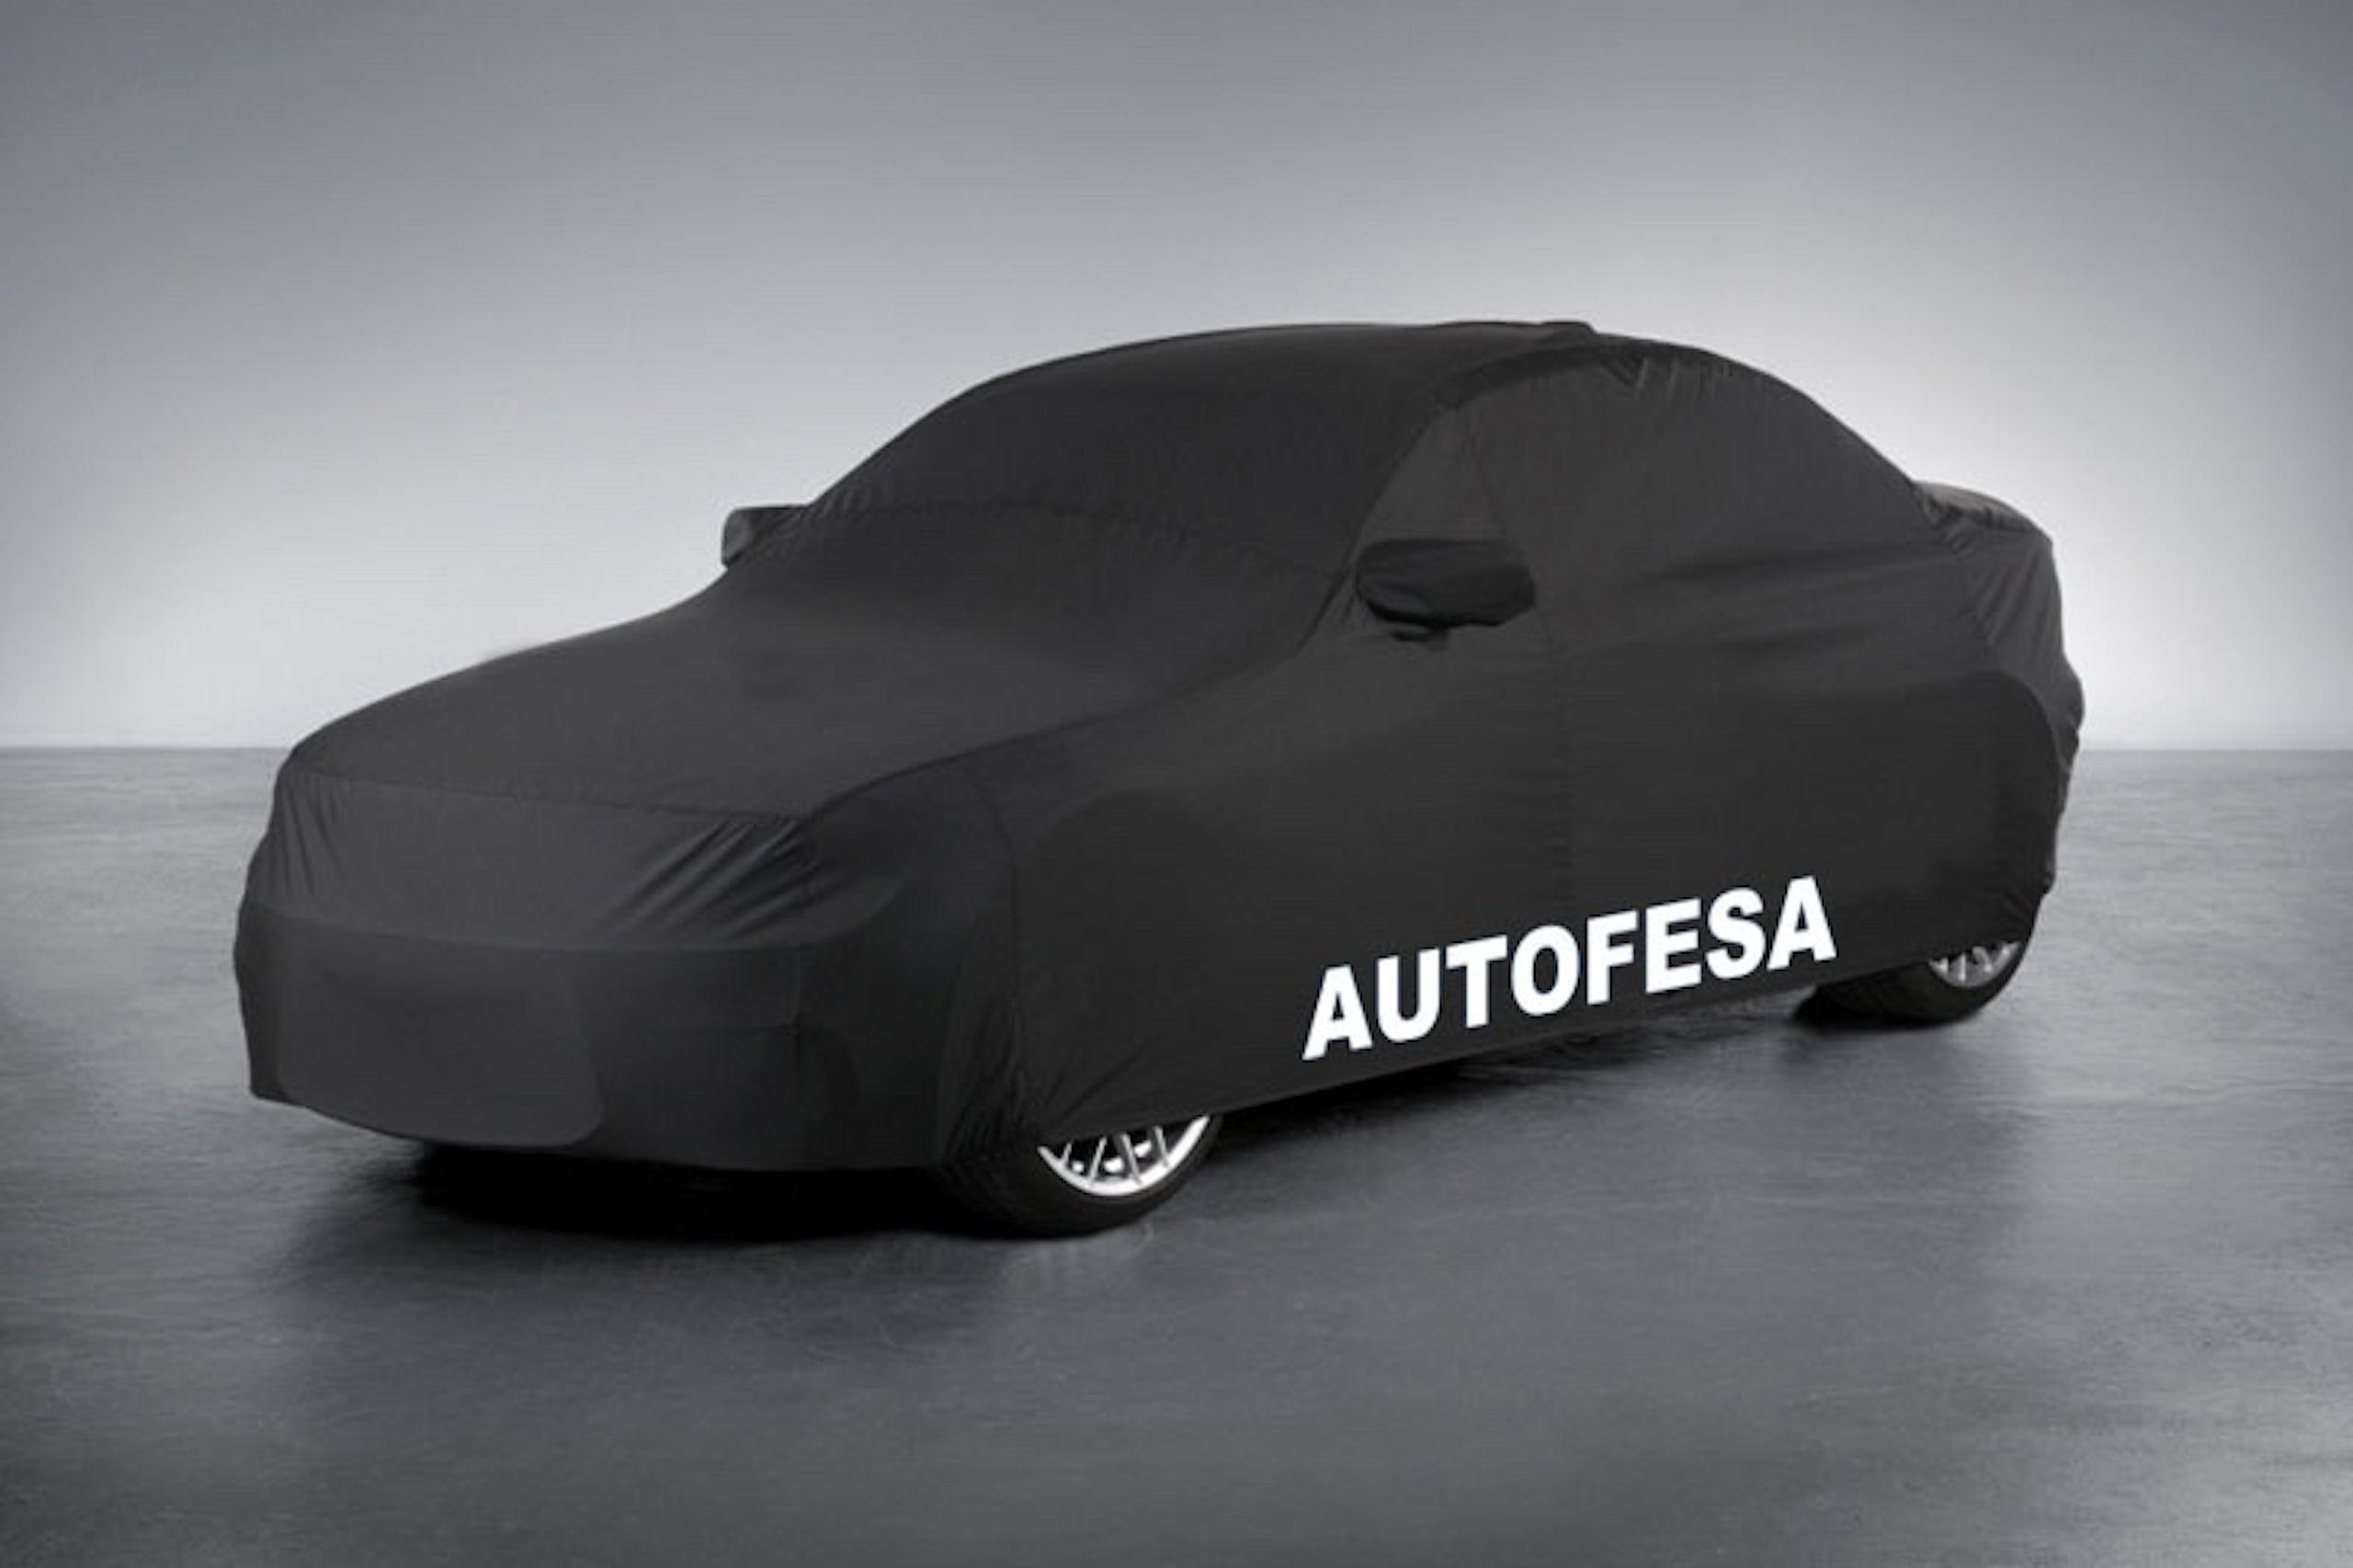 Audi A6 3.0 TDI AVANT 272cv quattro 4p S tronic Auto S/S - Foto 26